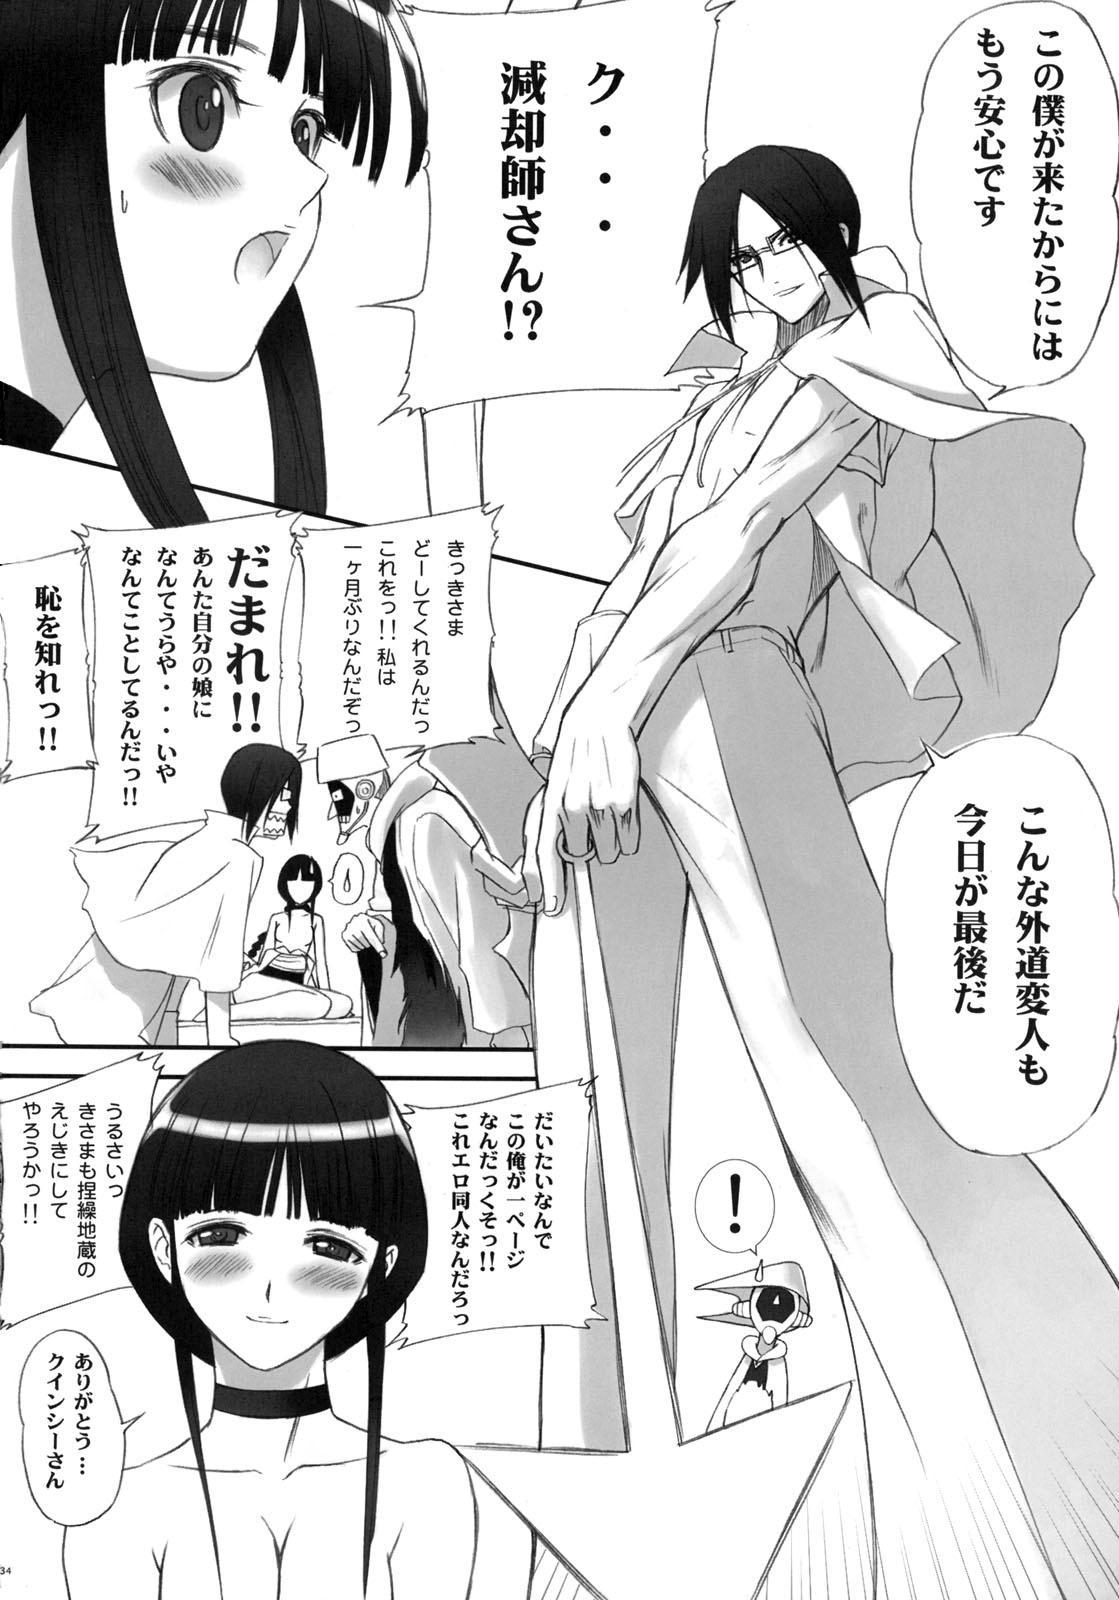 Watashi wa Kyozetsu suru! Kamo 31